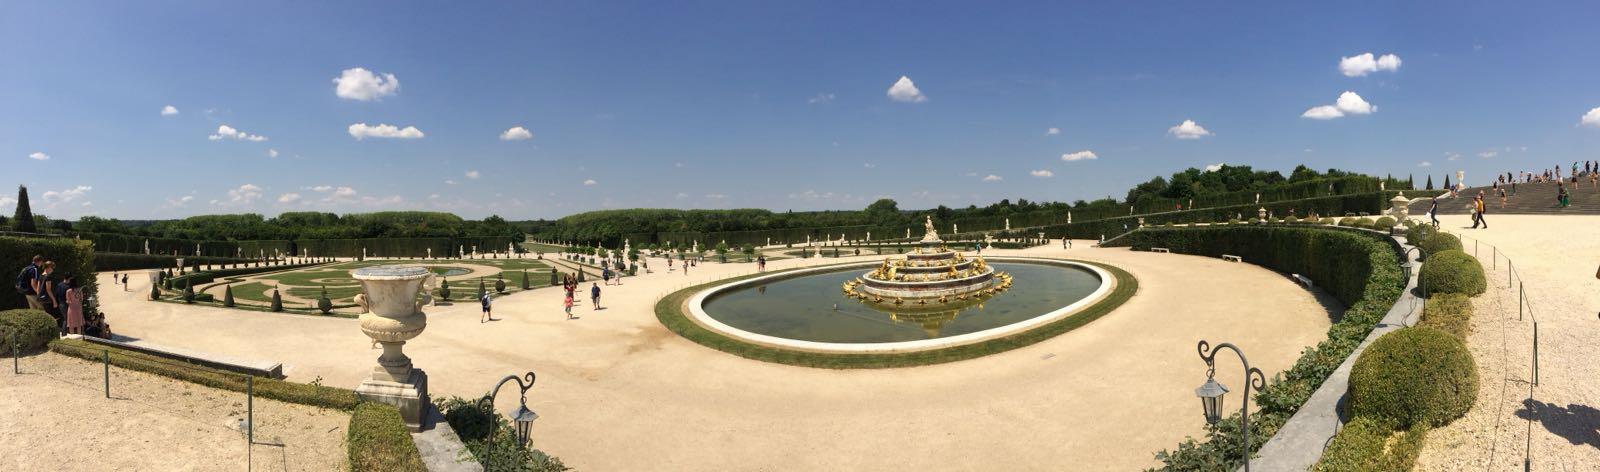 Blick auf den Garten von Versailles Foto: Angelo Aneo